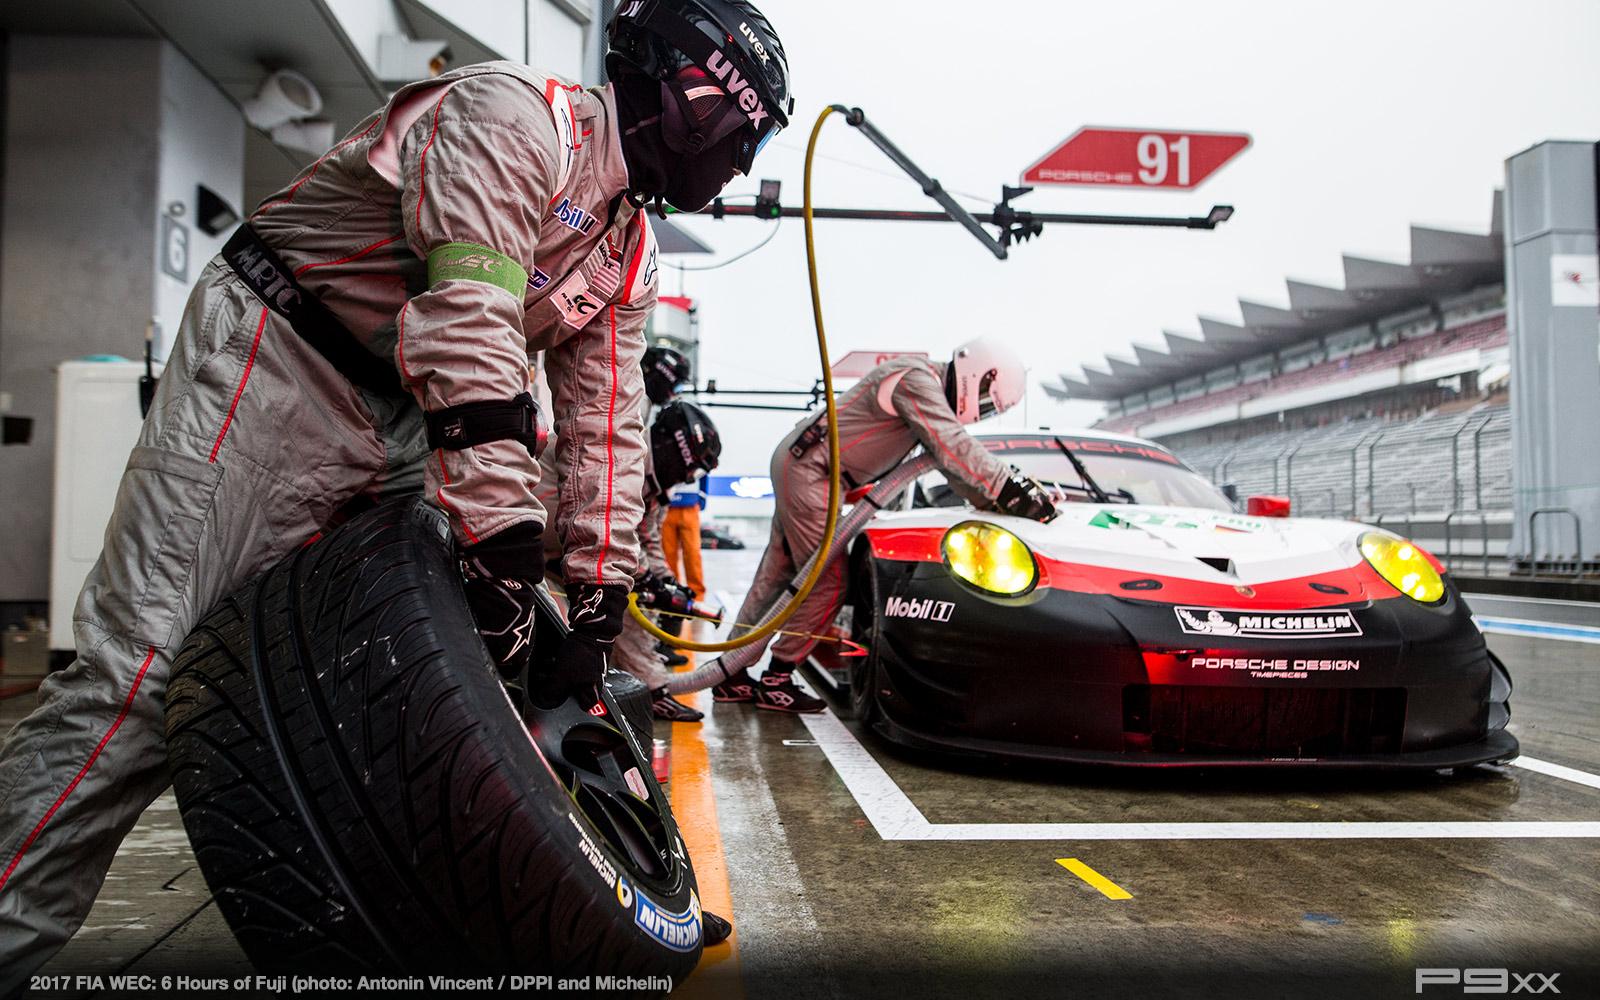 2017-FIA-WEC-6h-of-Fuji-Porsche-Fuji_02117011_0695299